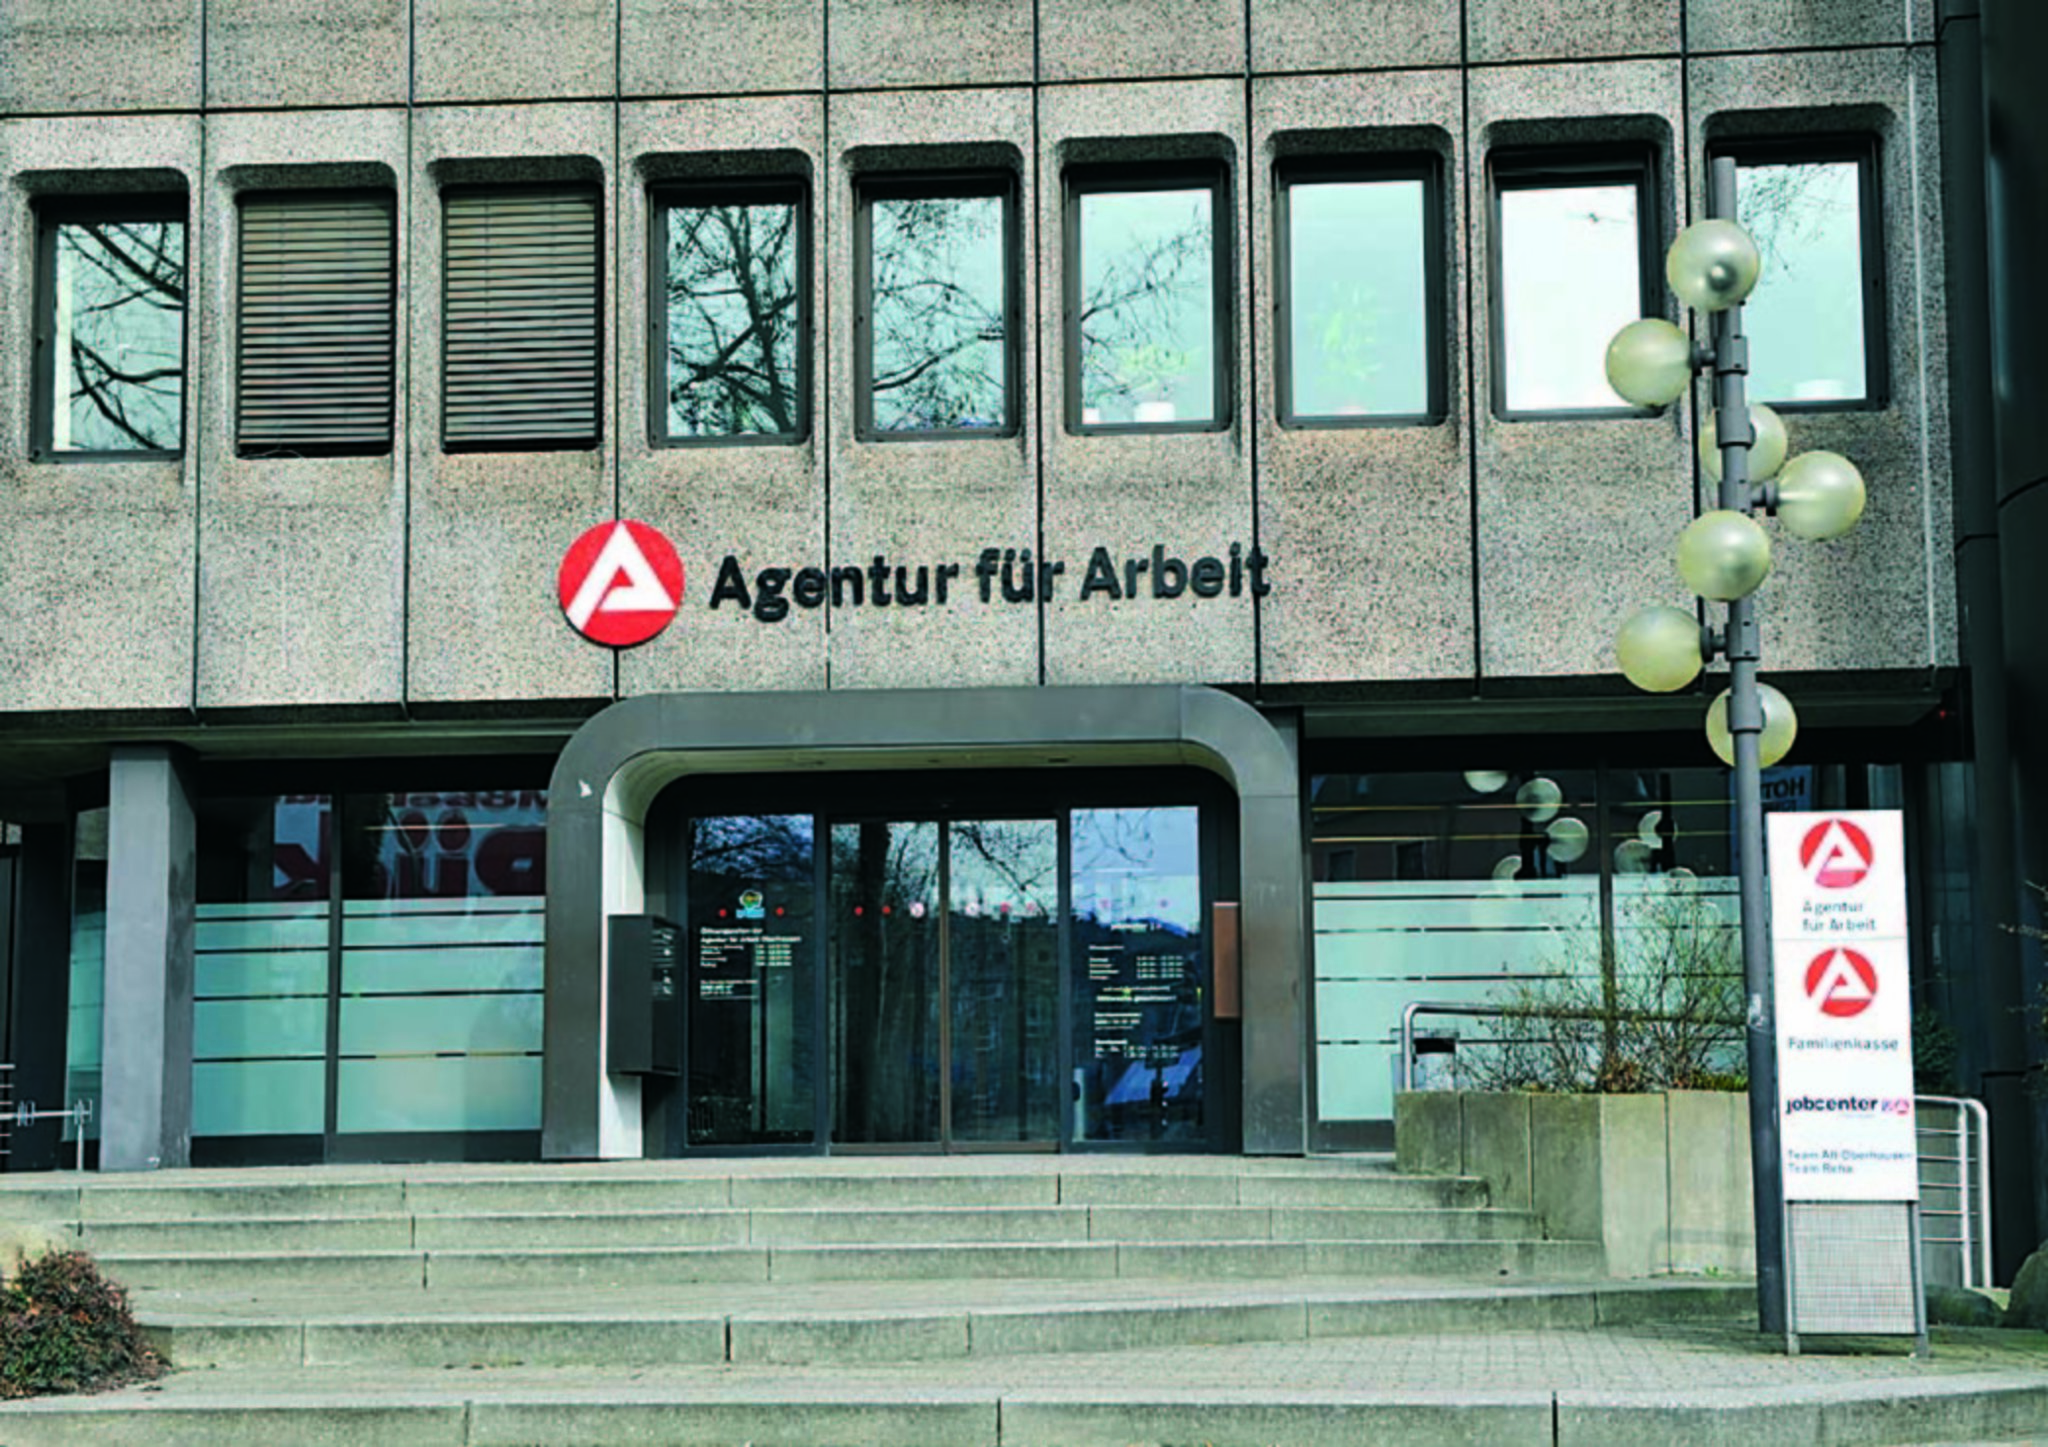 agentur für arbeit mülheim